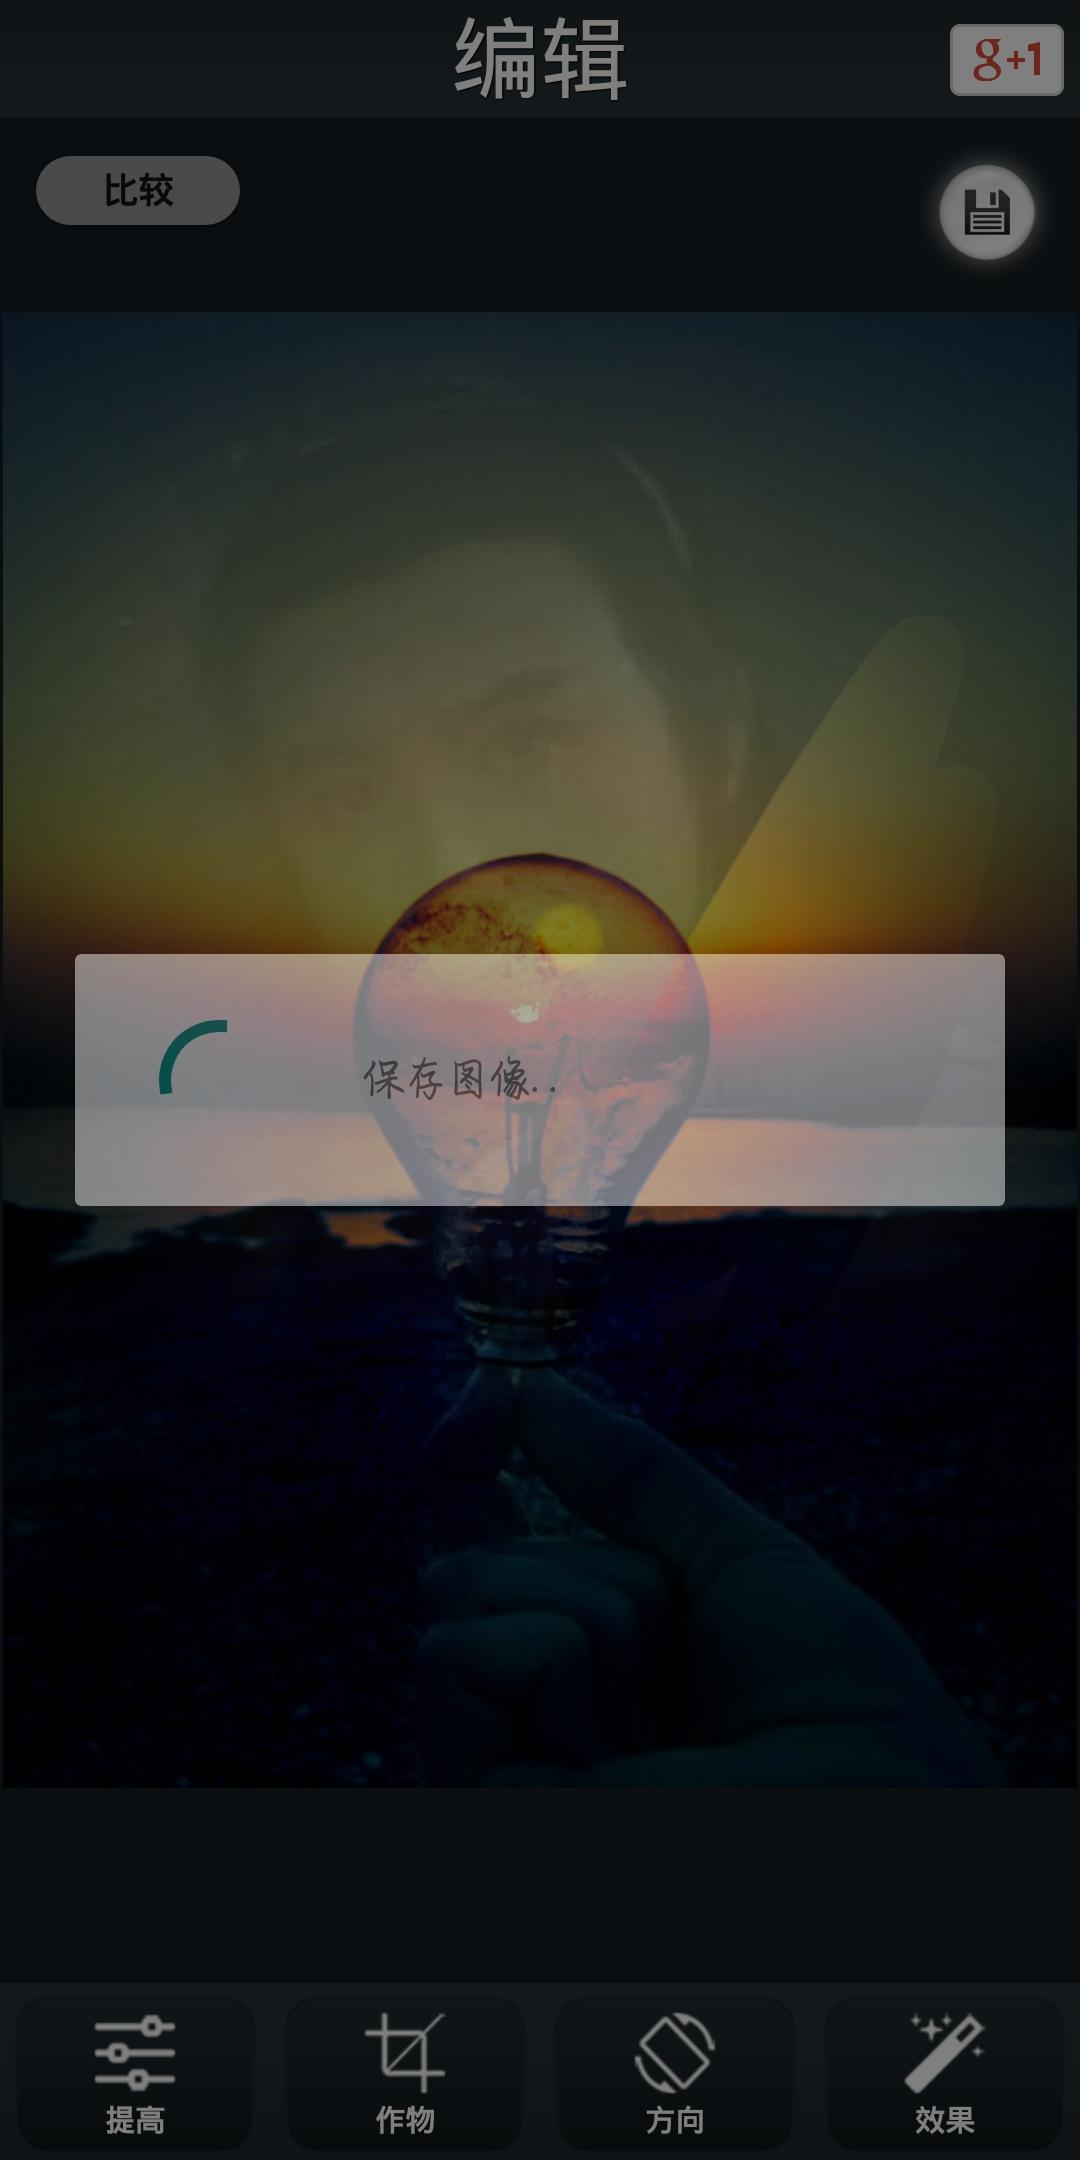 Screenshot_20180411_225302.jpg